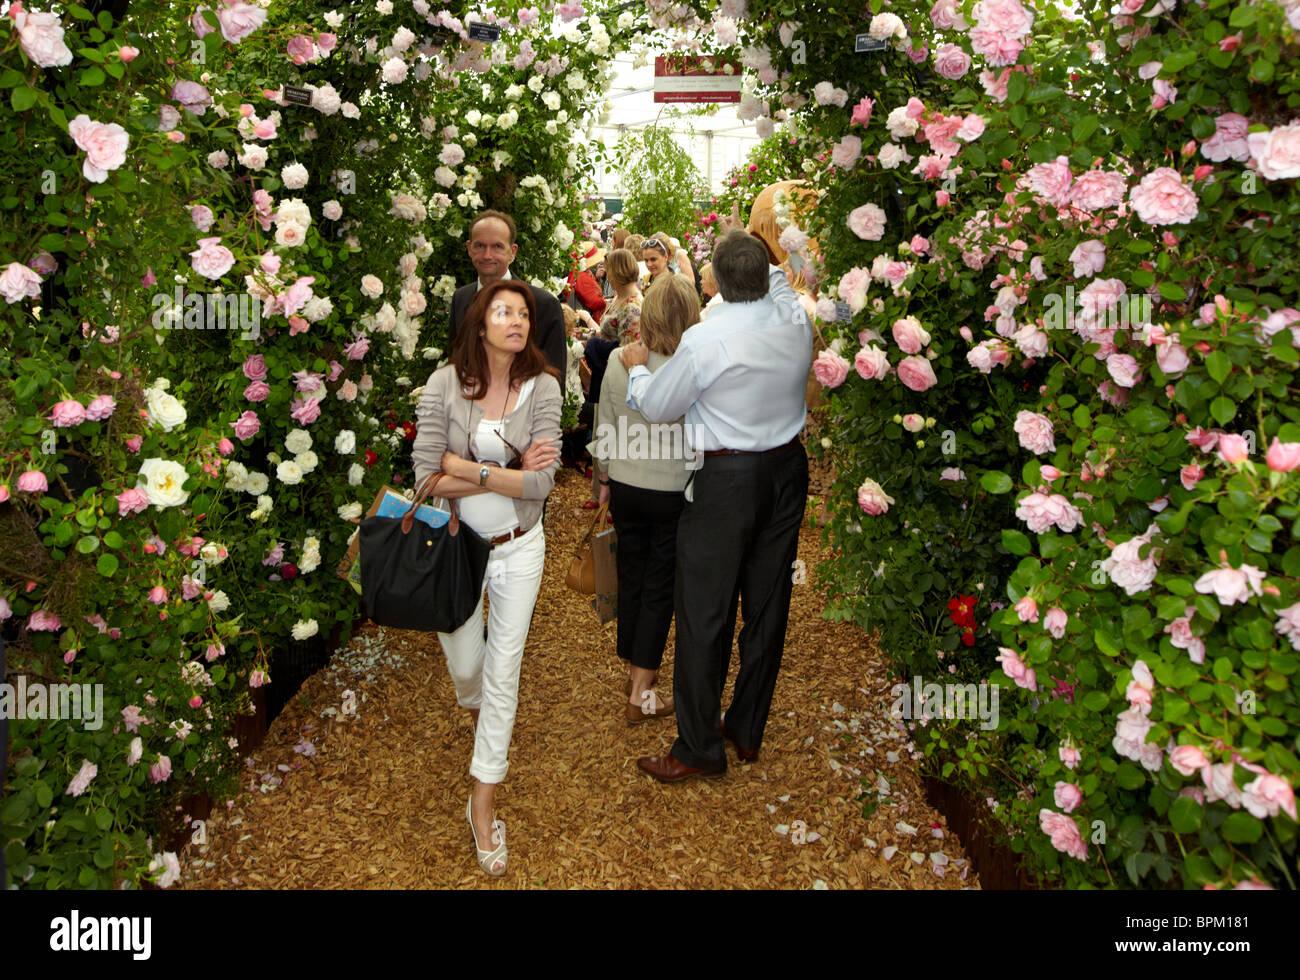 La gente oler las rosas en el Chelsea Flower Show de Londres Reino unido Foto de stock